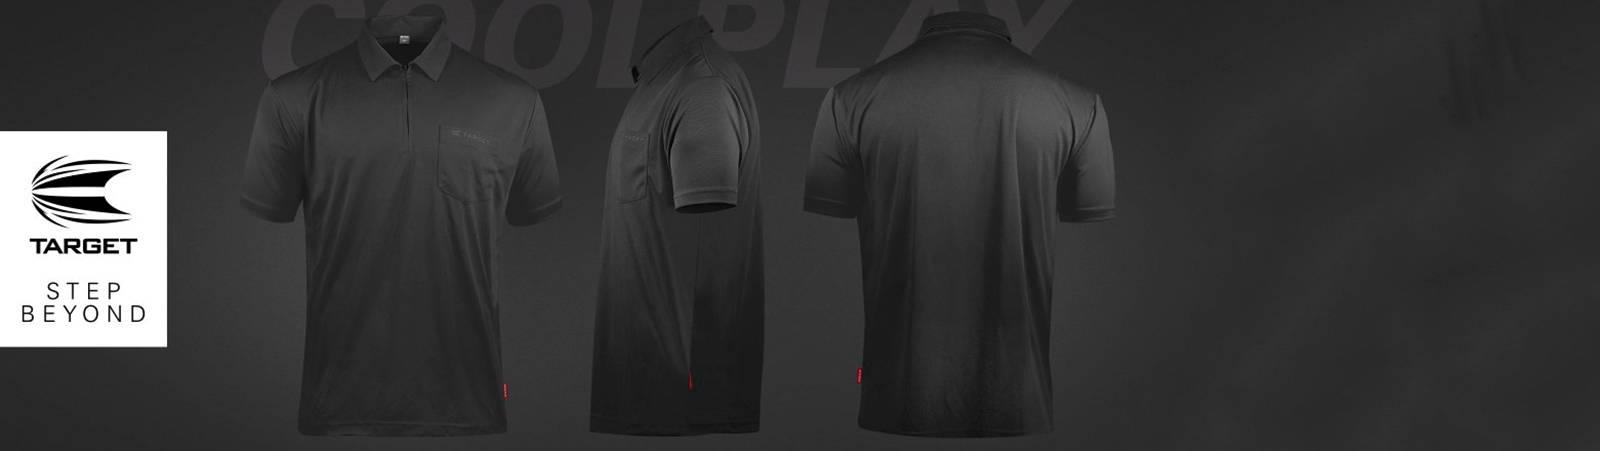 Target Coolplay 3 Dartshirts